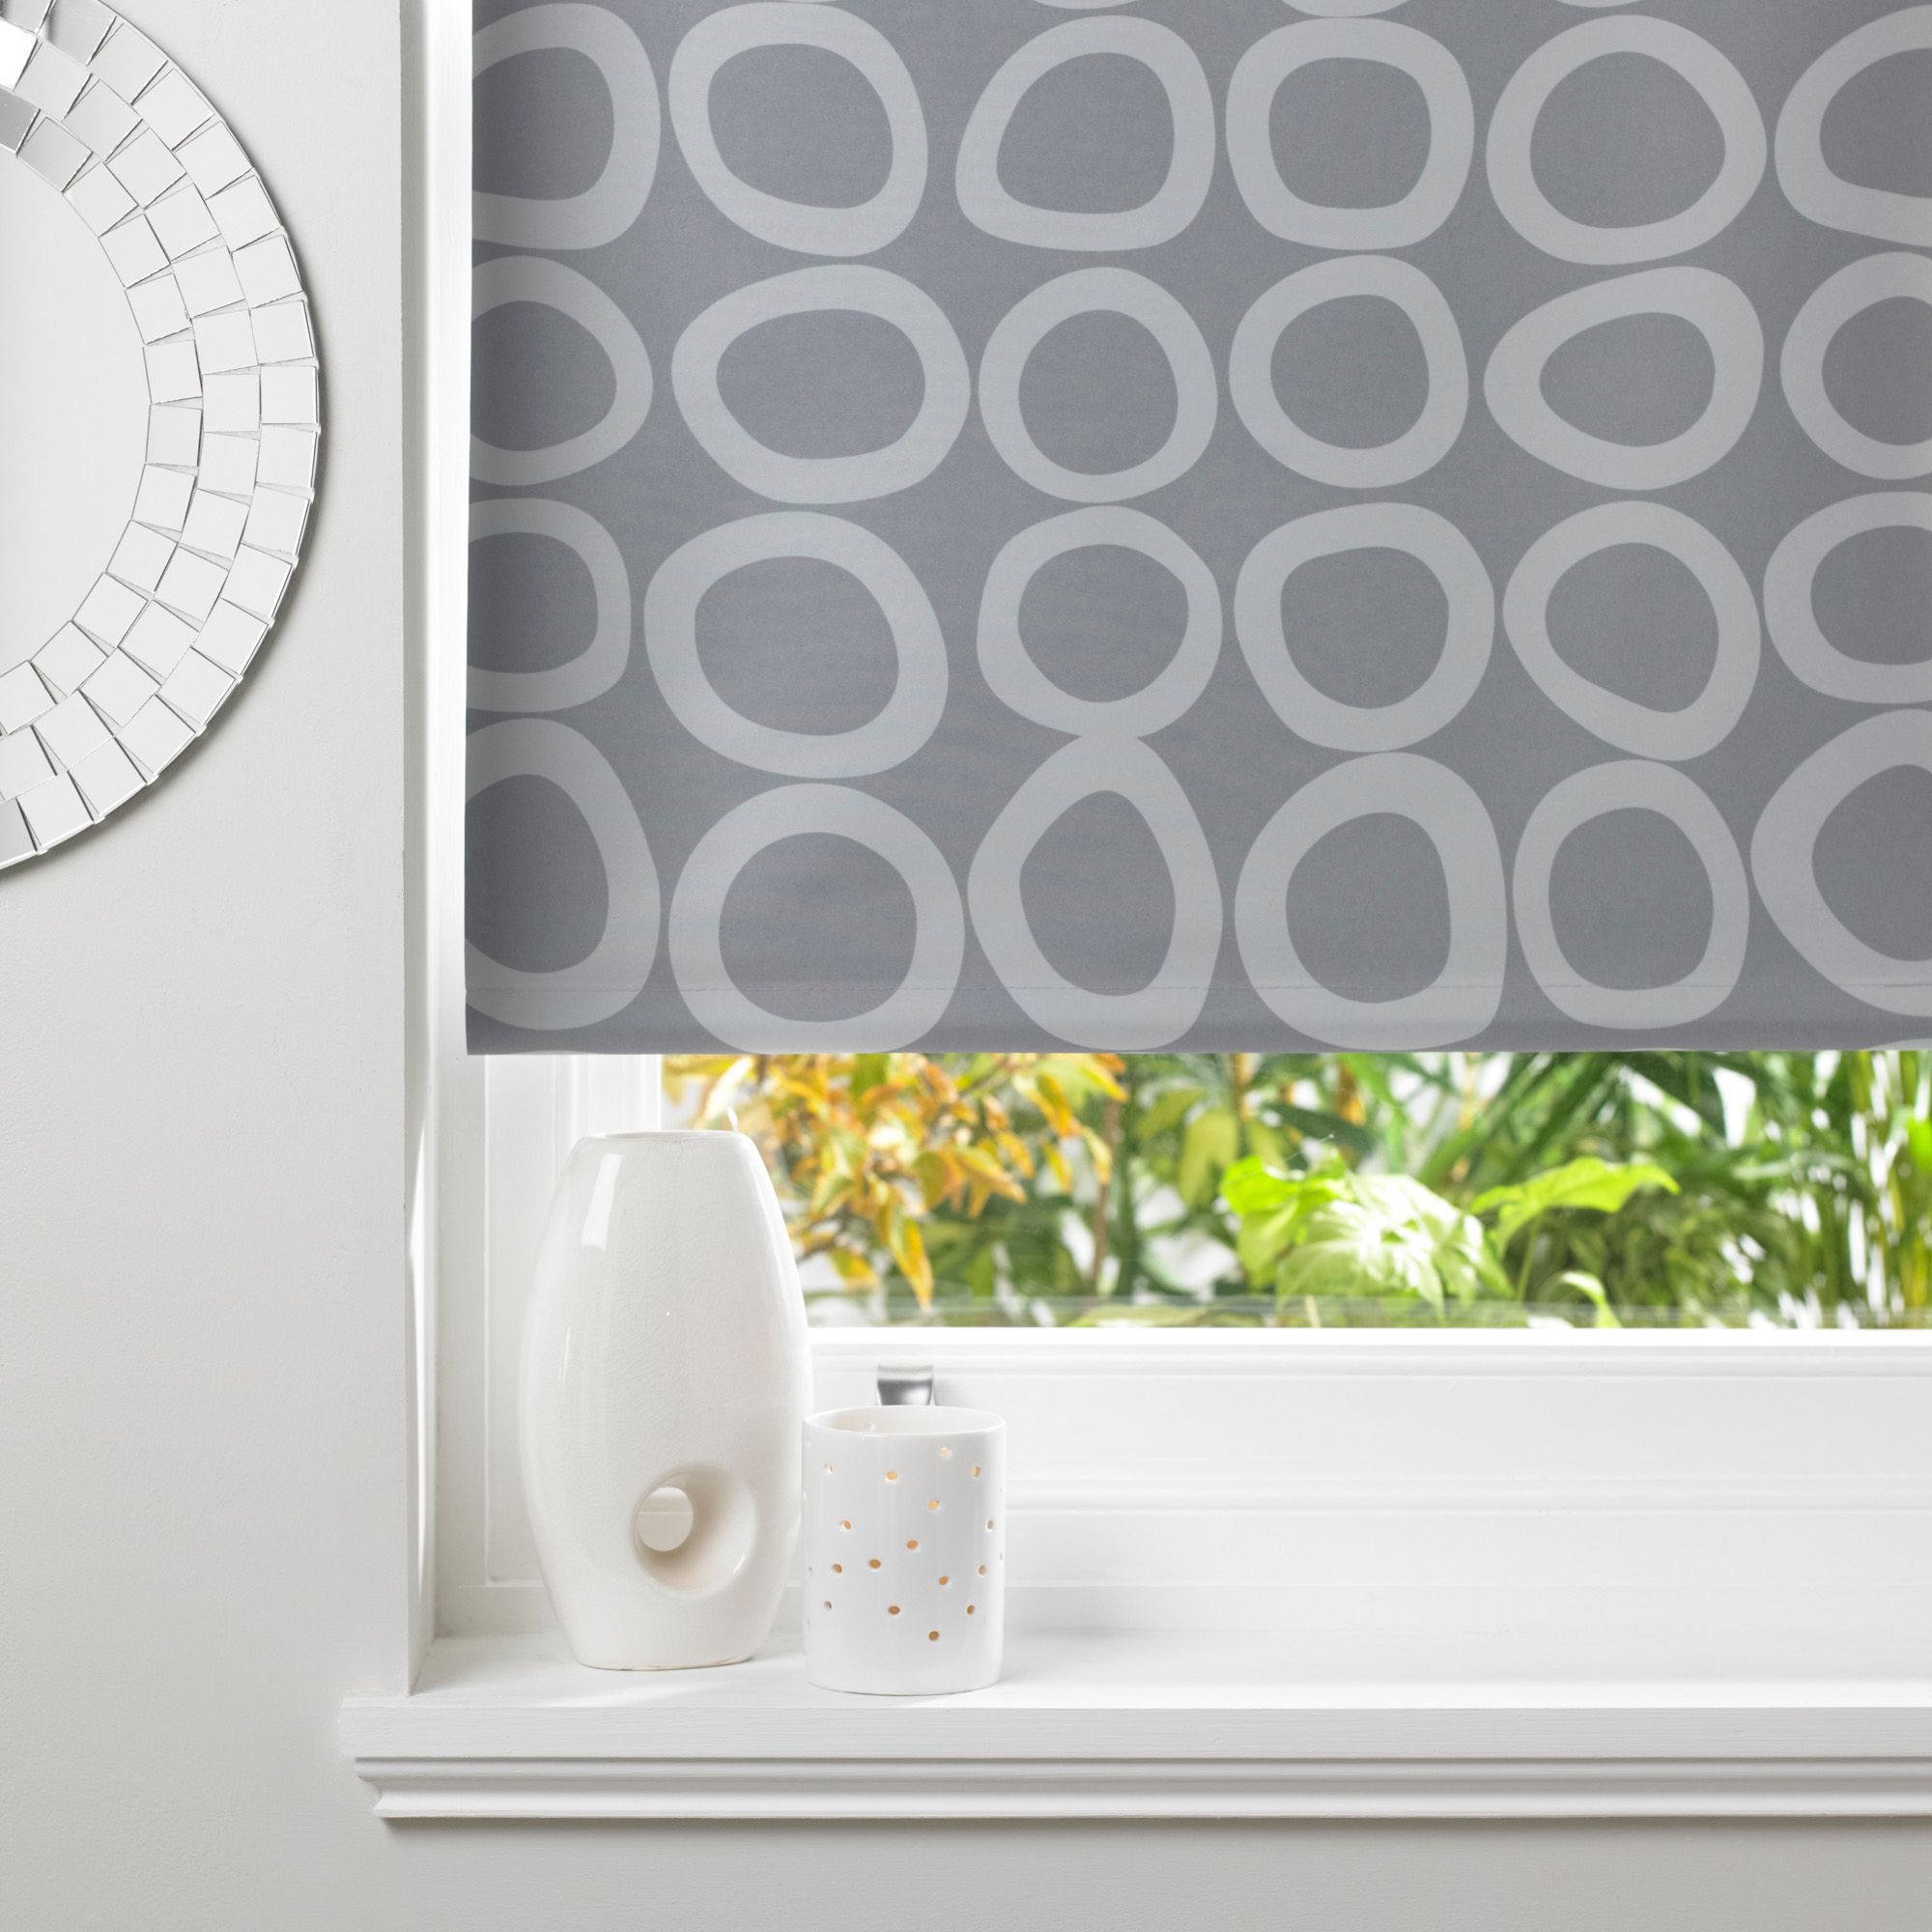 Bathroom Window Blinds B&Q colours diablo corded grey & concrete roller blind (l)160 cm (w